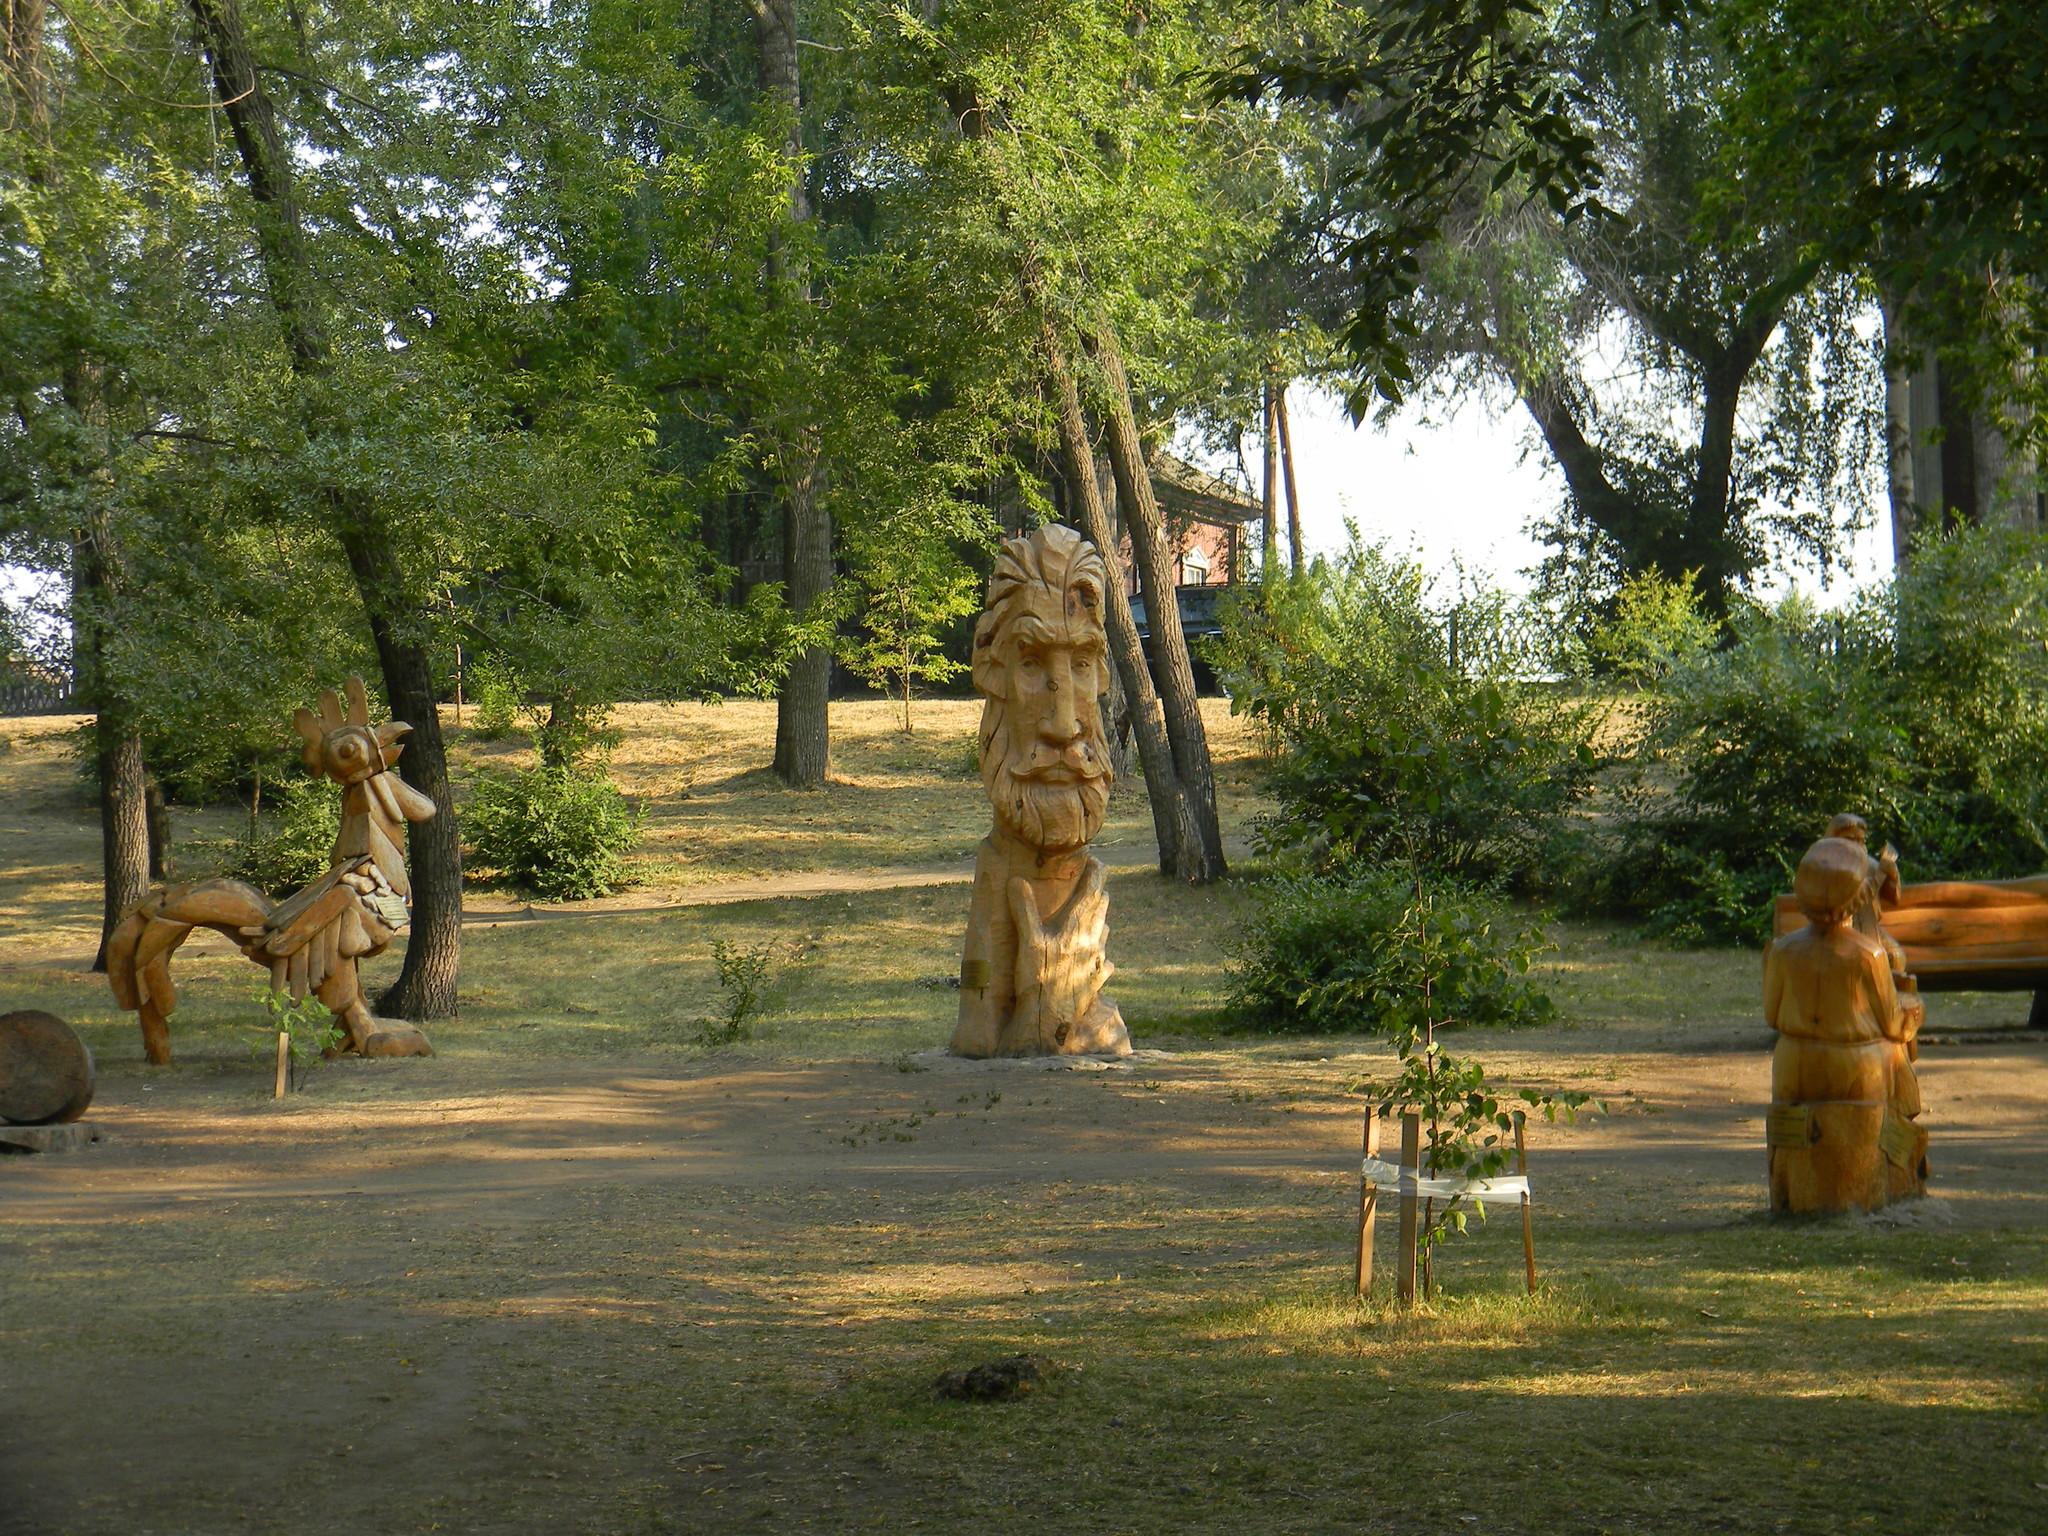 Парк деревянных скульптур создан по мотивам произведений Василия Макаровича Шукшина